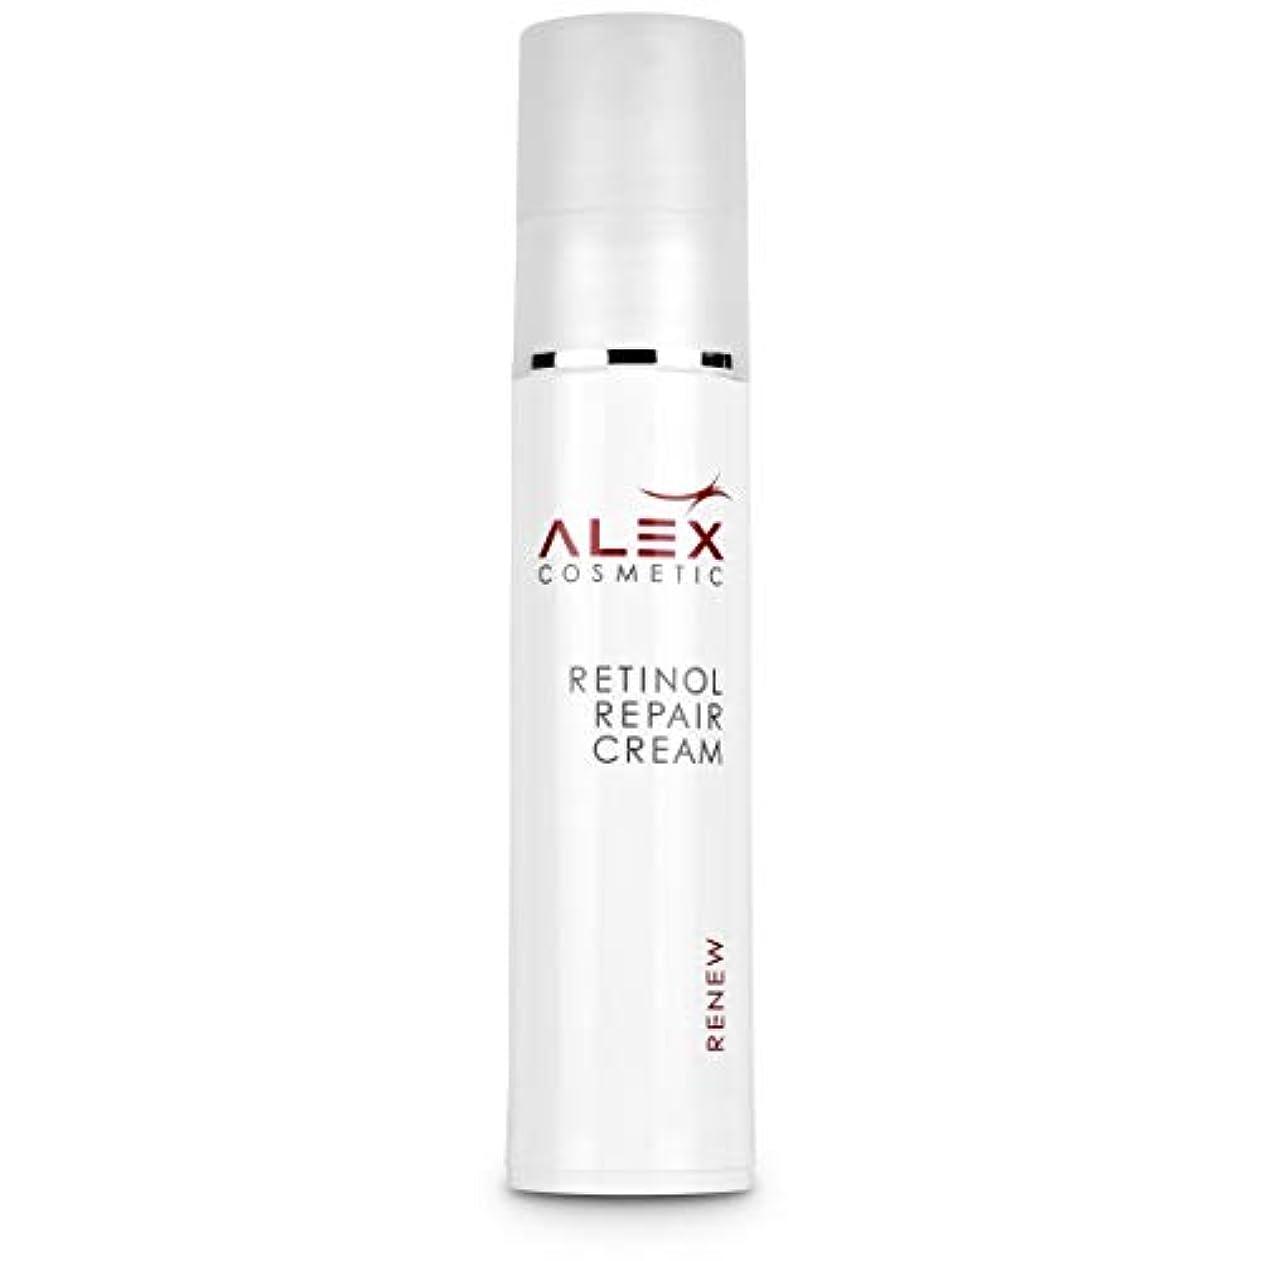 圧縮する衣装教師の日ALEX アレックス コスメ Retinol Repair Cream レチノール リペア クリーム 50ml 【並行輸入品】